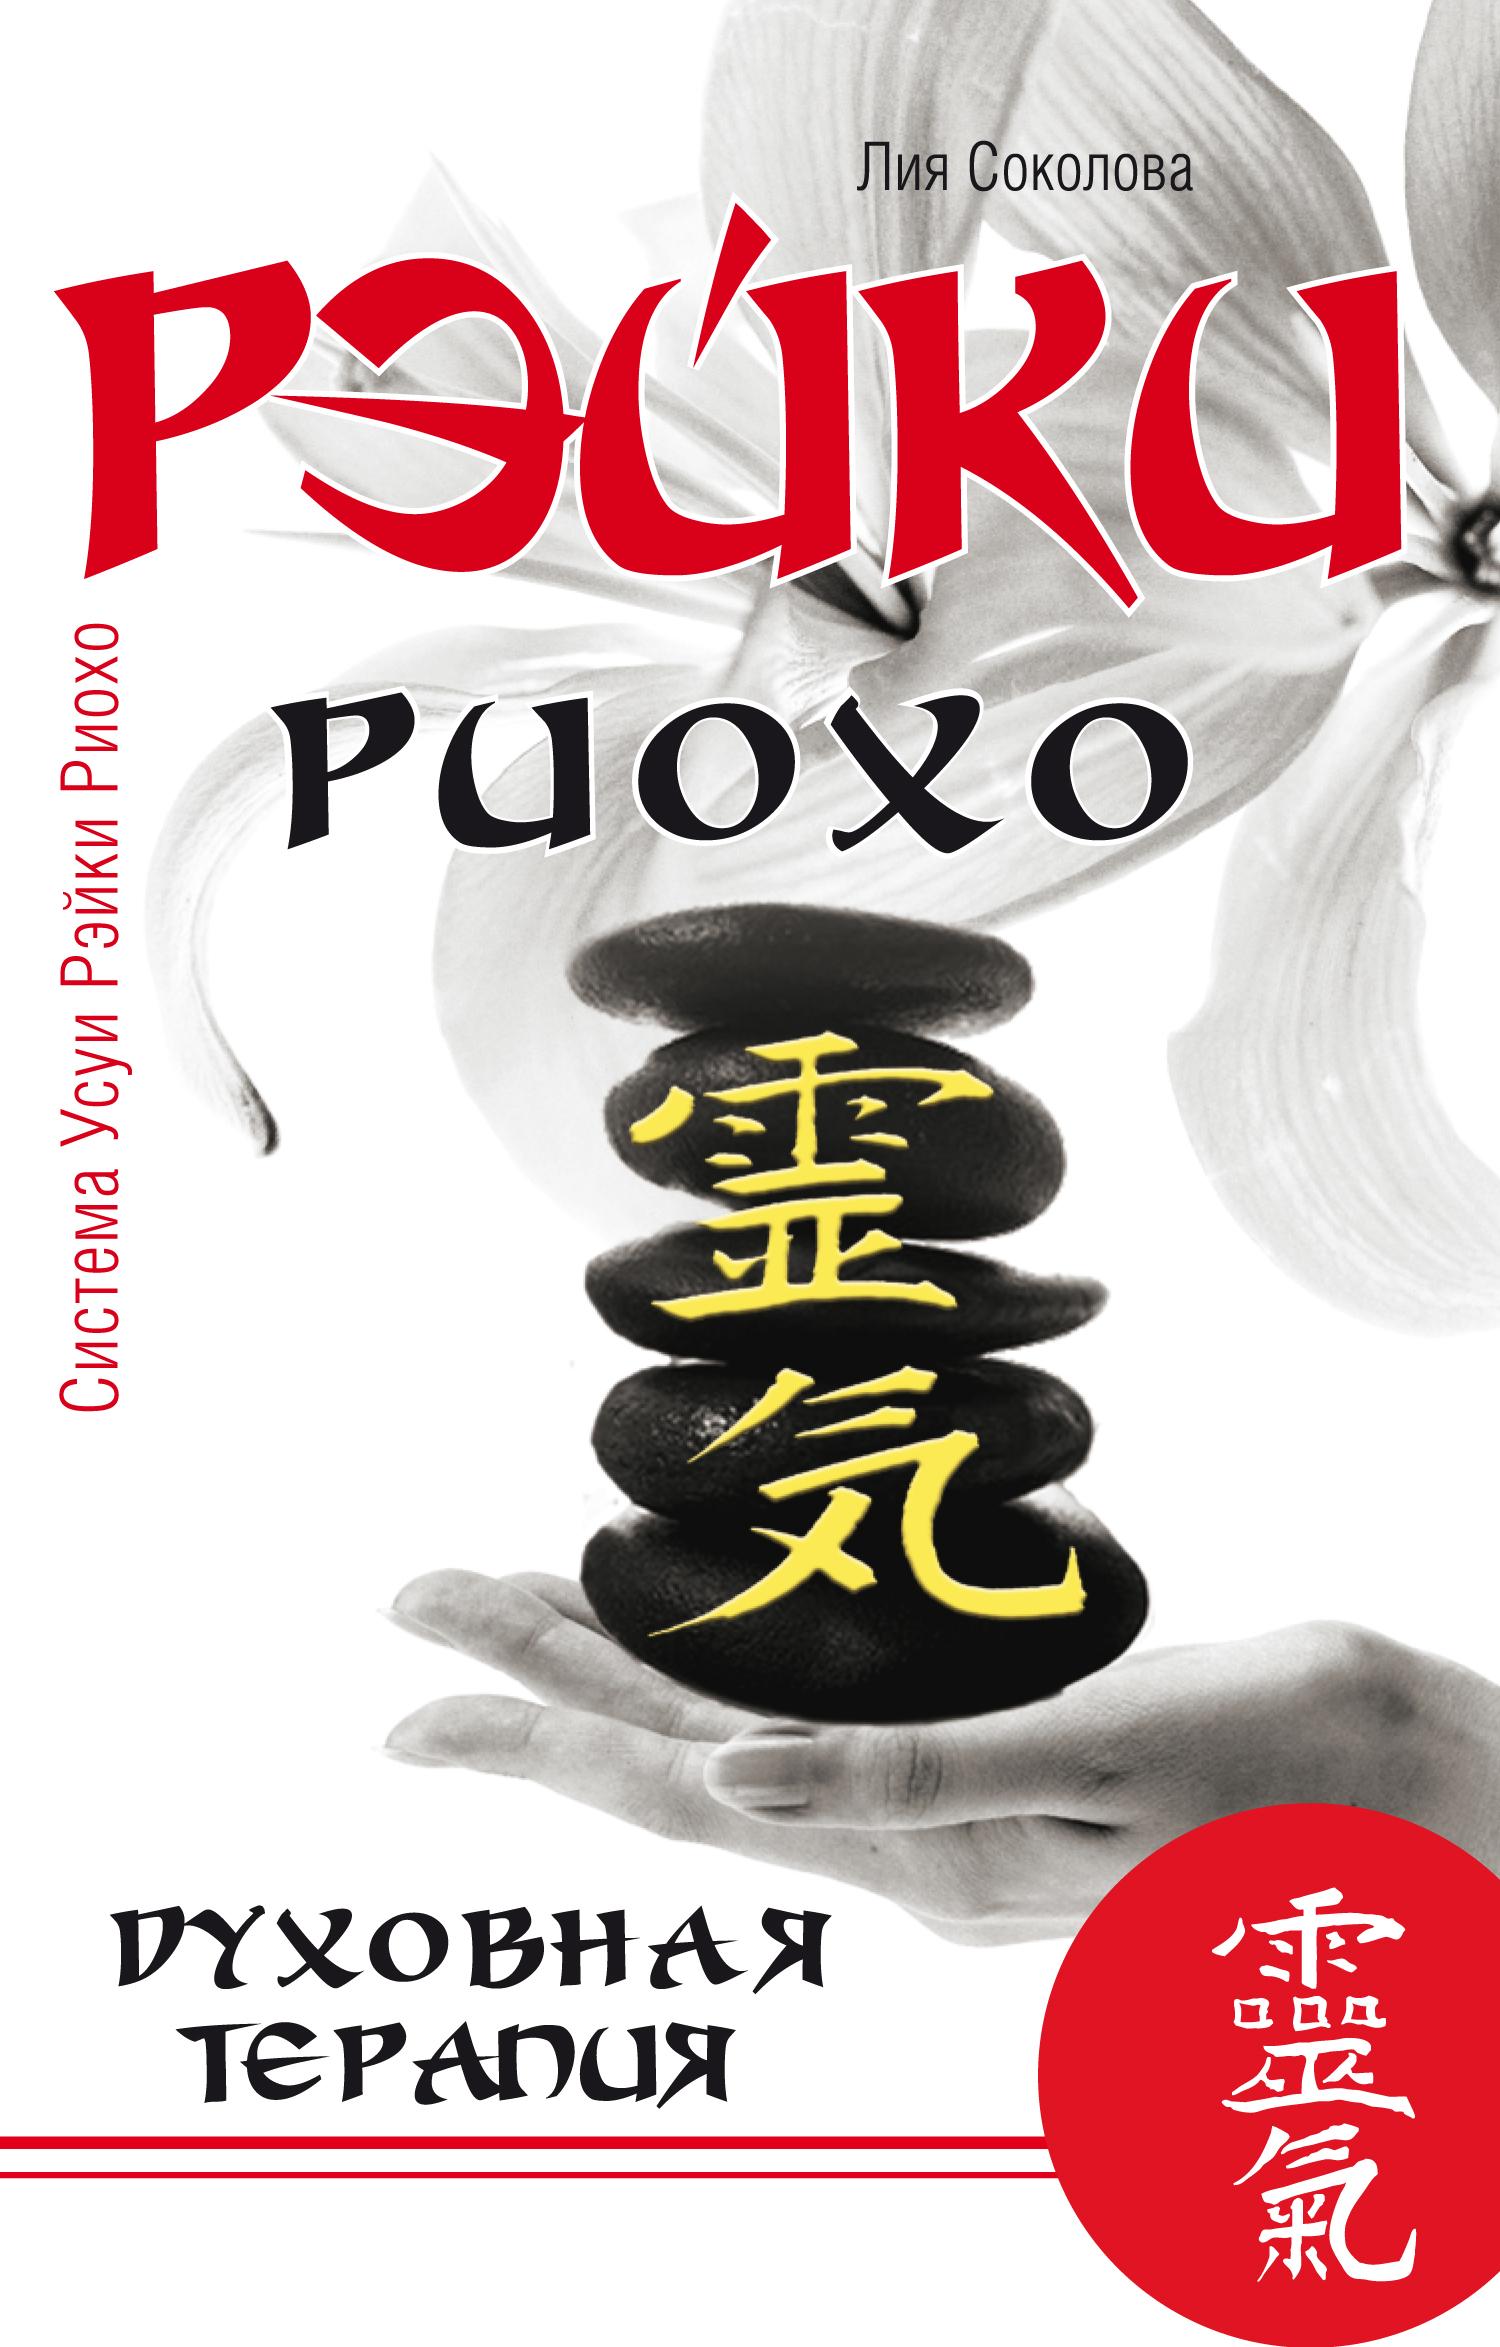 Рэйки Риохо. Духовная терапия. 3-е изд.